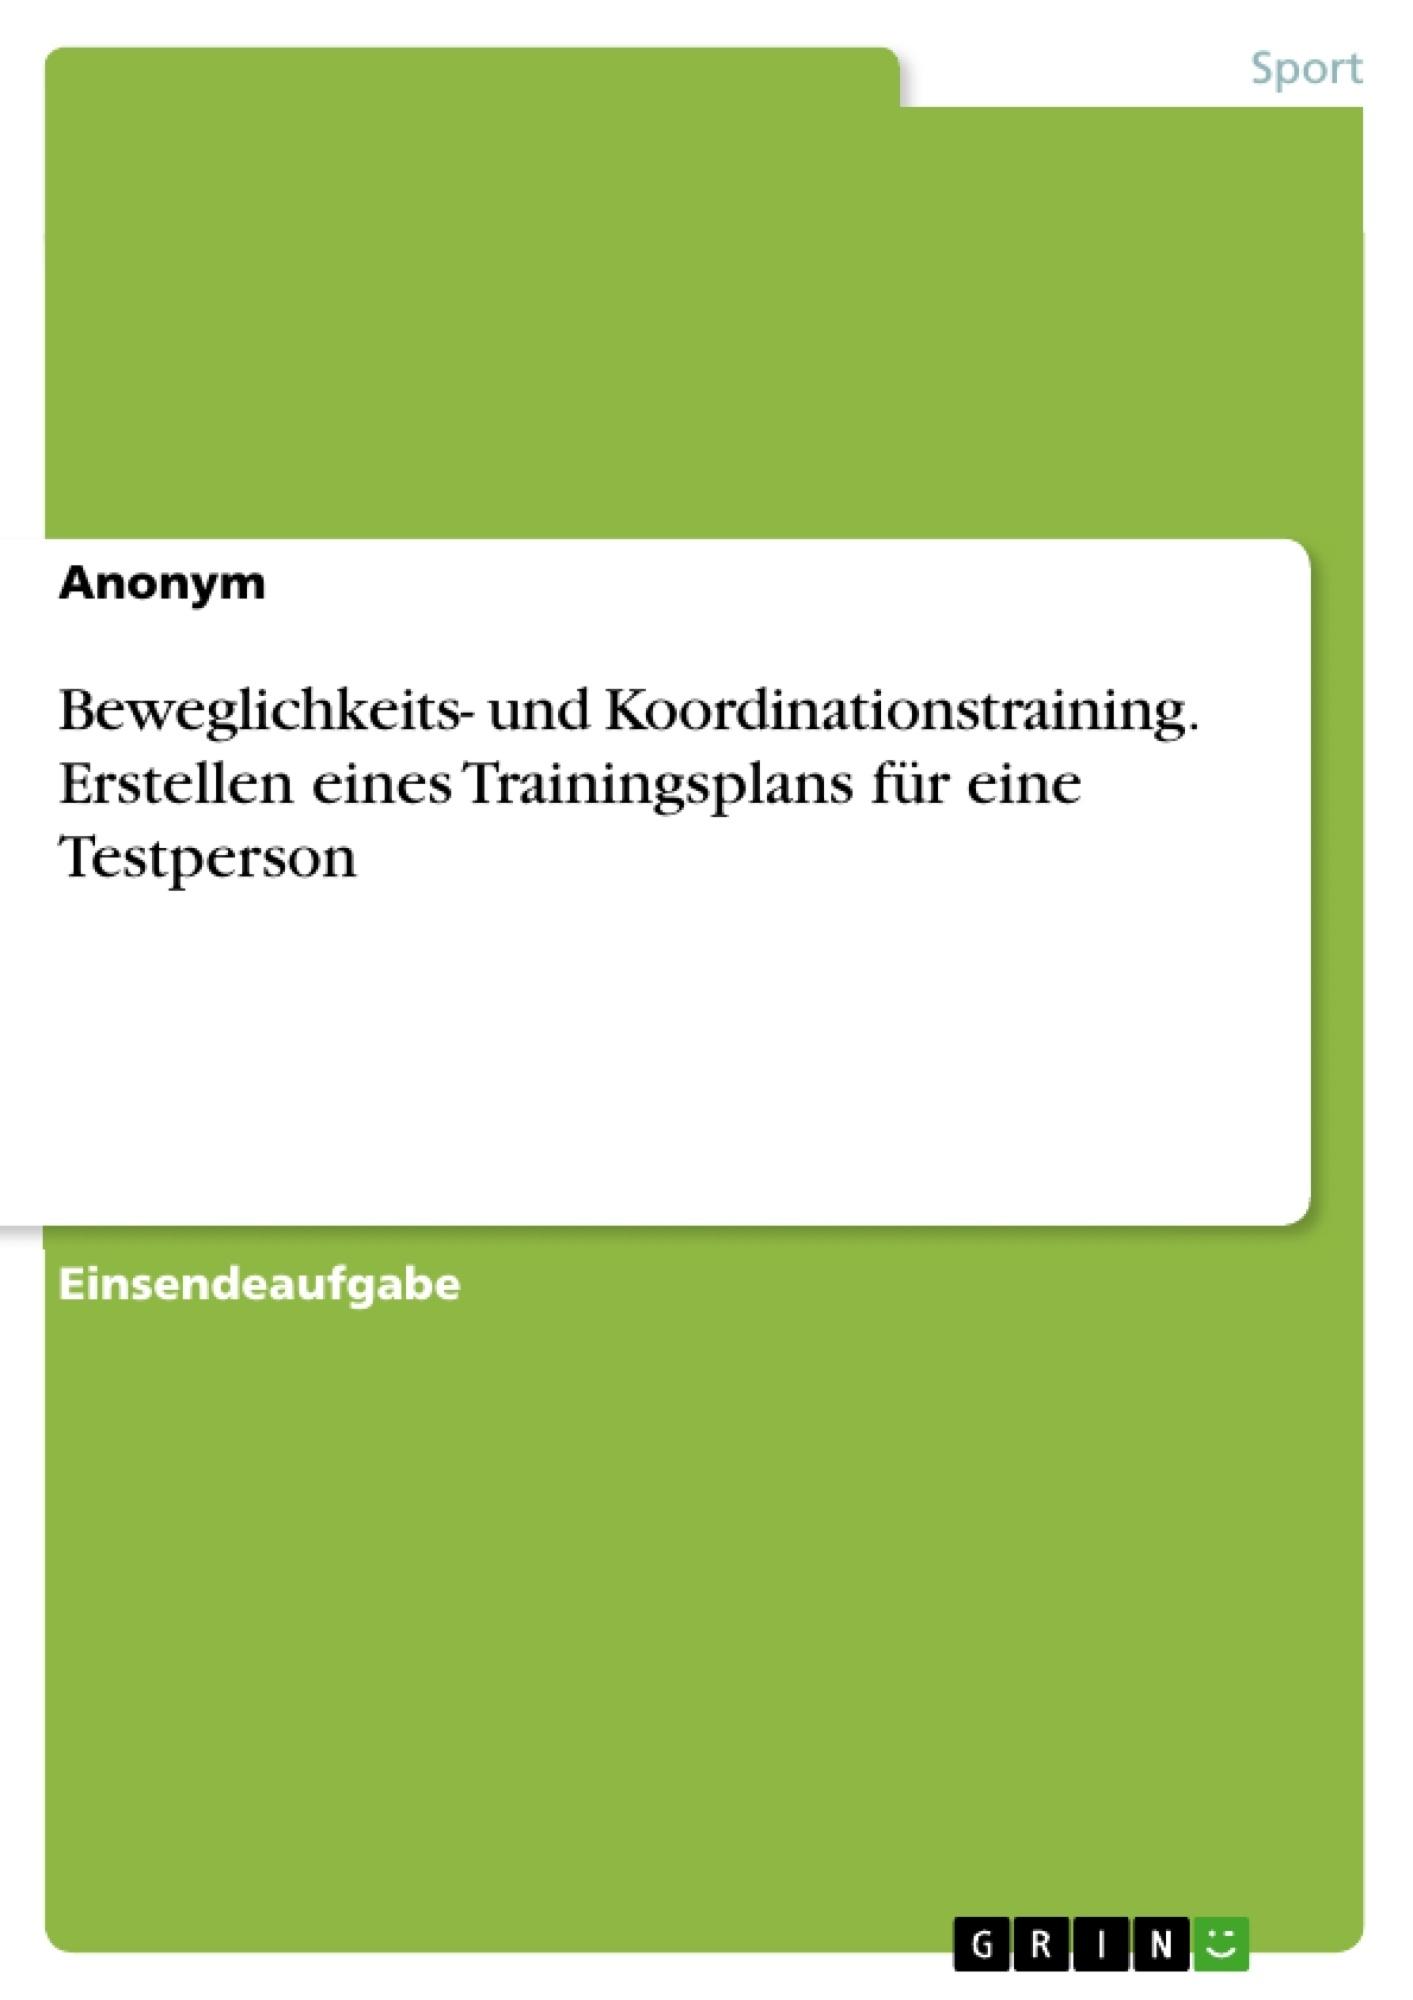 Titel: Beweglichkeits- und Koordinationstraining. Erstellen eines Trainingsplans für eine Testperson